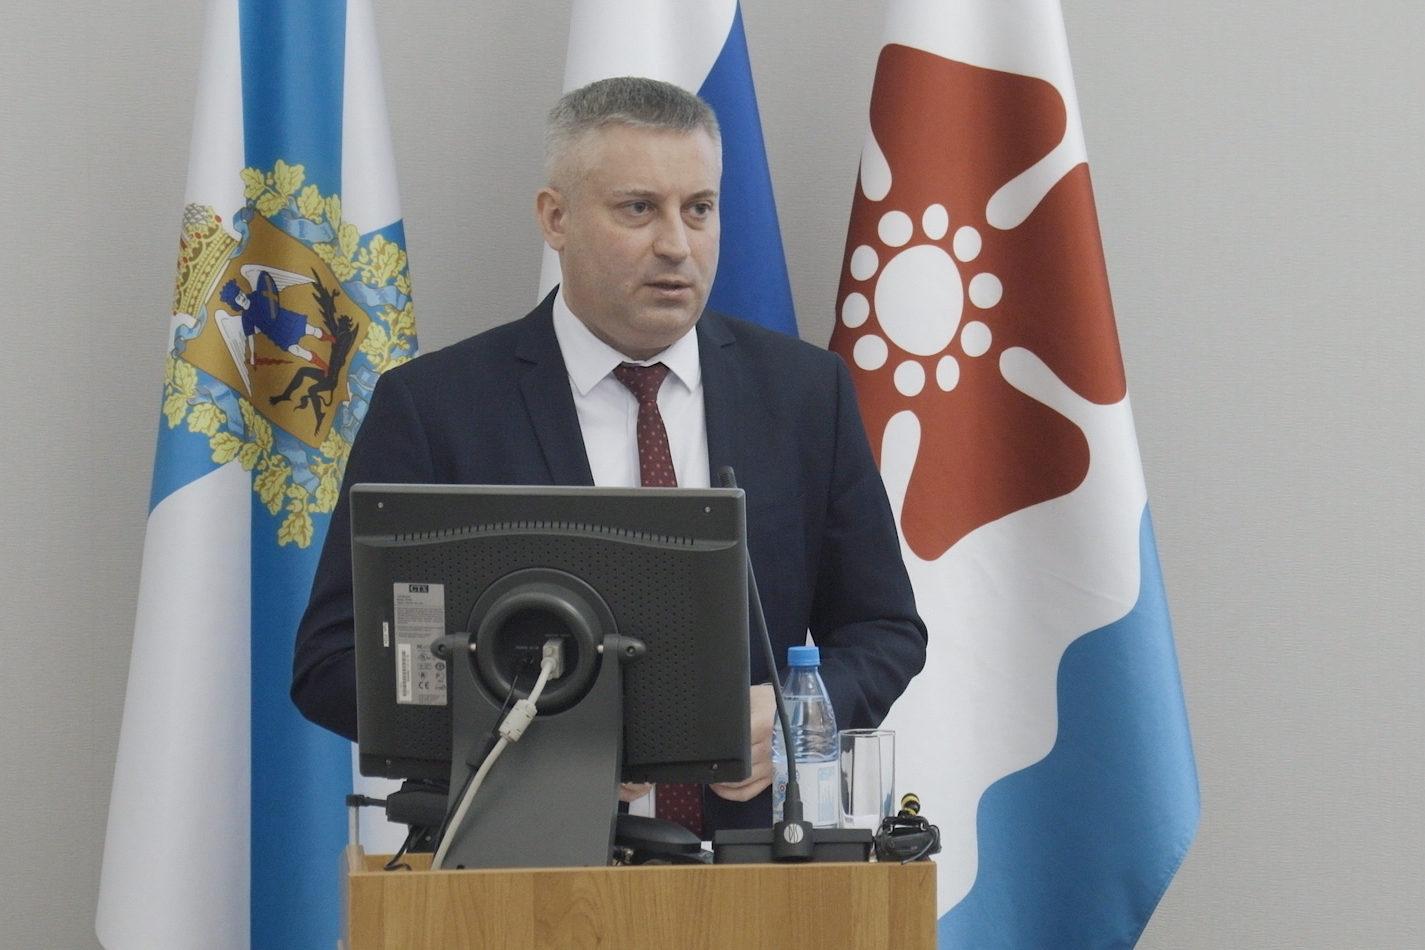 Игорь Скубенко: «Мы продолжим благоустраивать город!»